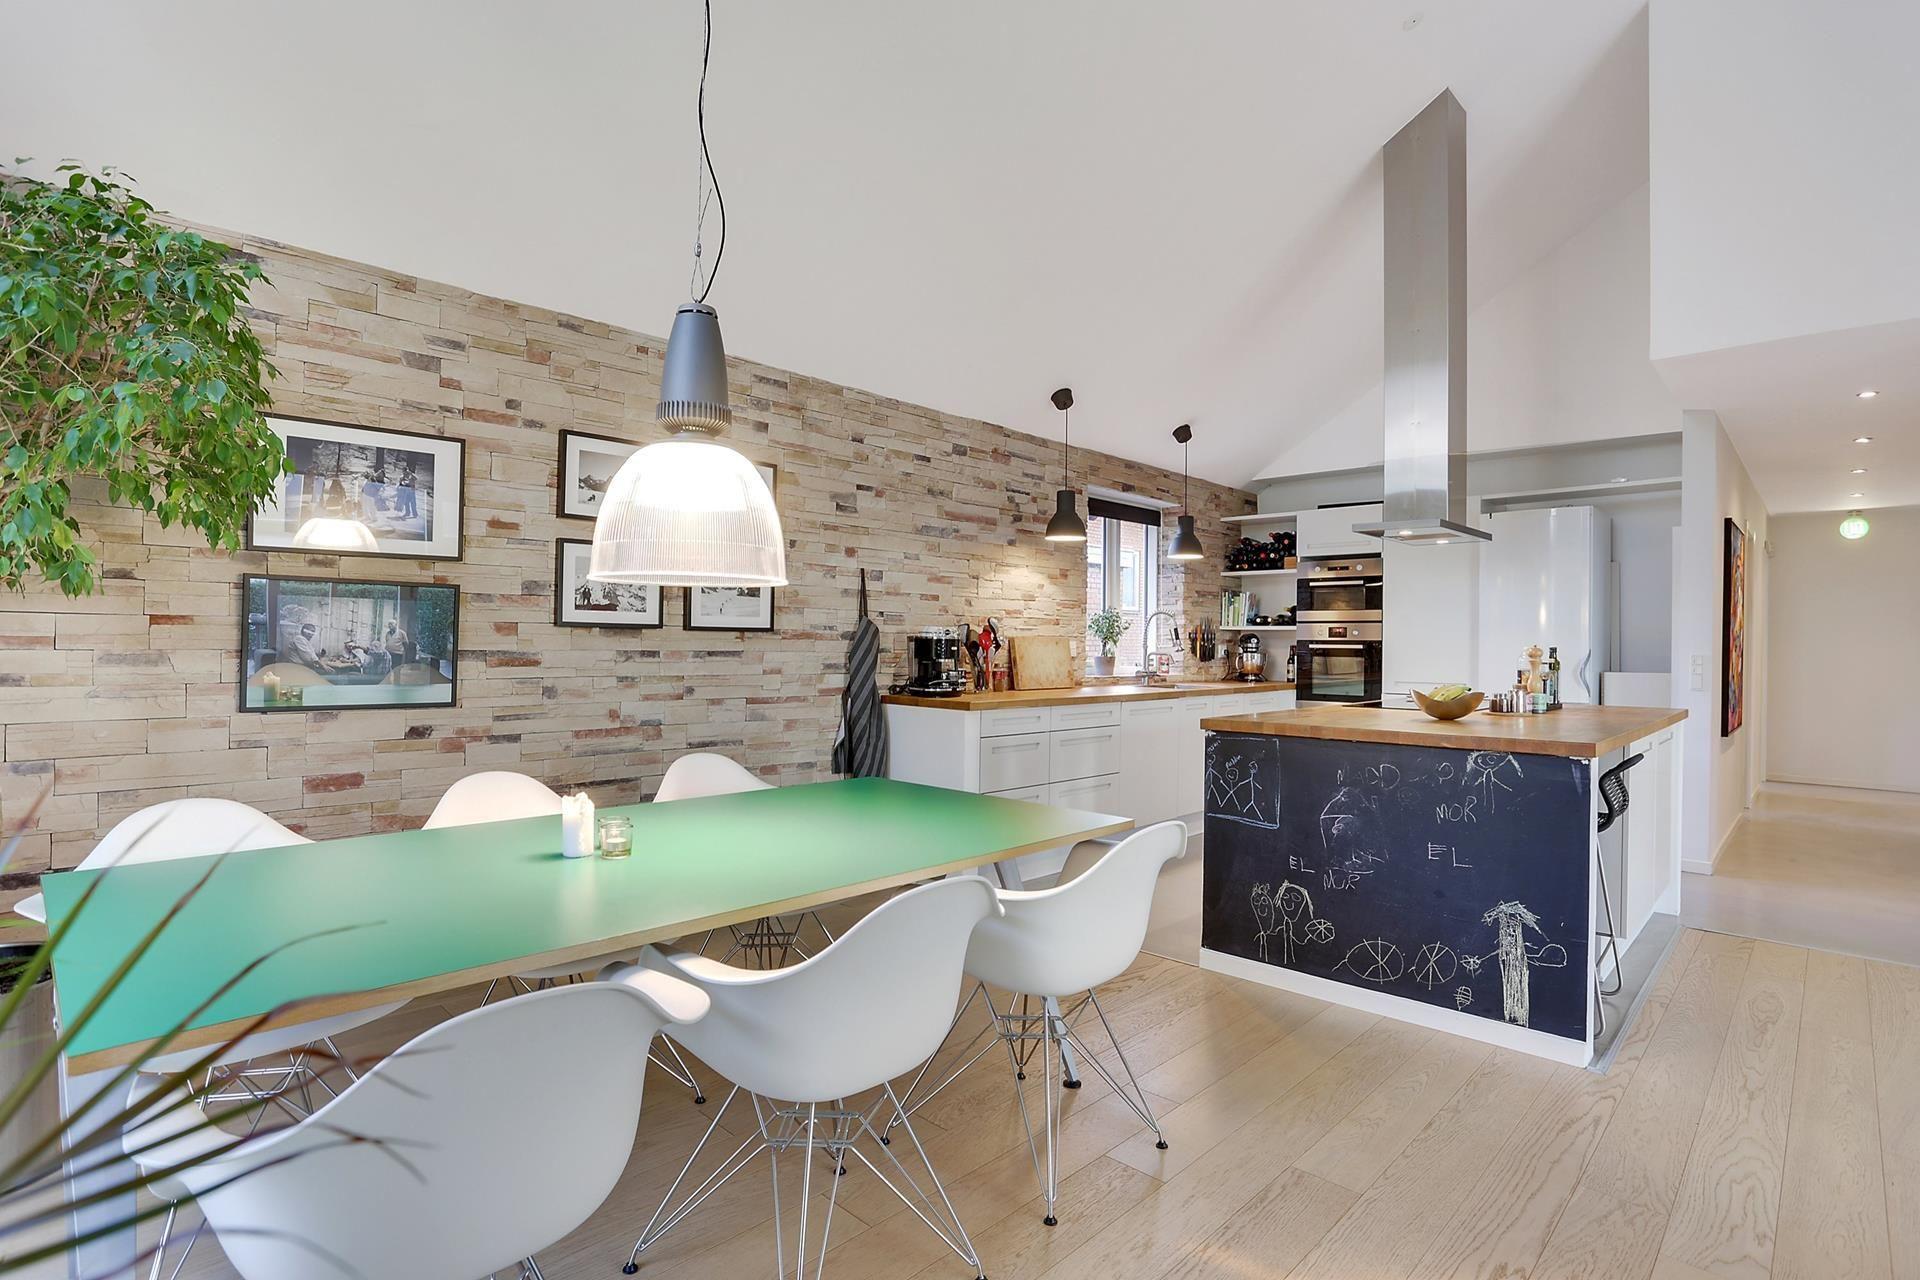 Muebles y armarios bajos de cocina | Mueble cocina, Cocina nórdica y ...